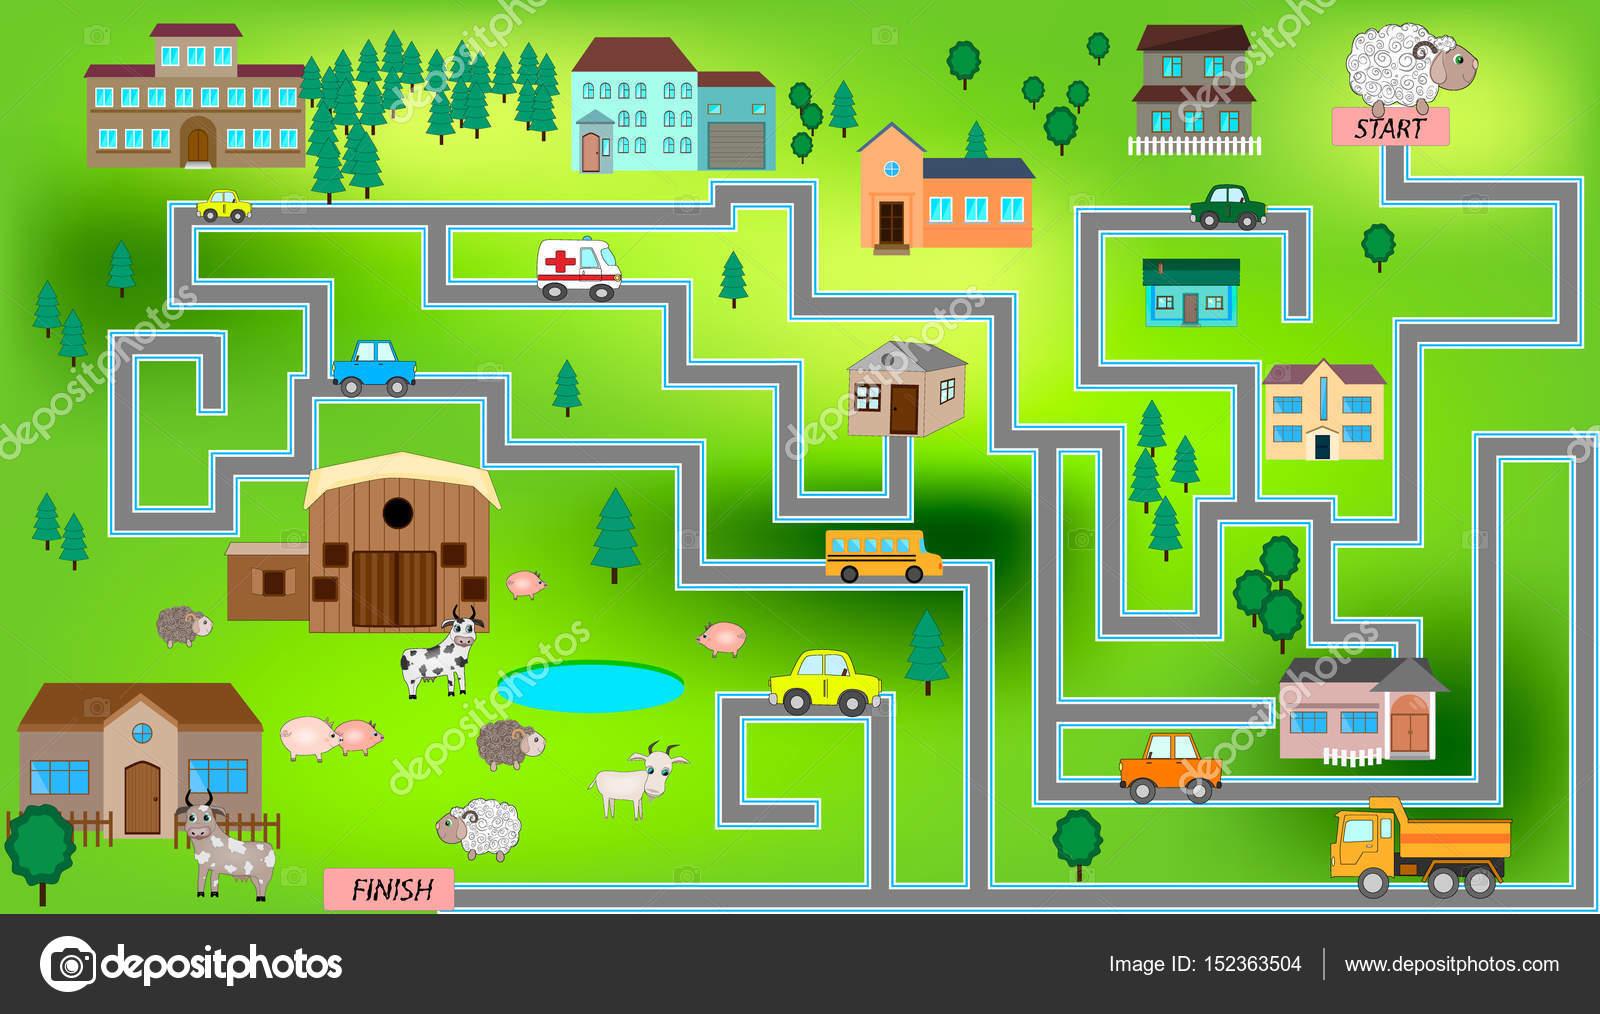 Mapa Ciudad Para Niños.Imagenes Mapa Ciudad Dibujo Dibujos Mapa De Patrones Sin